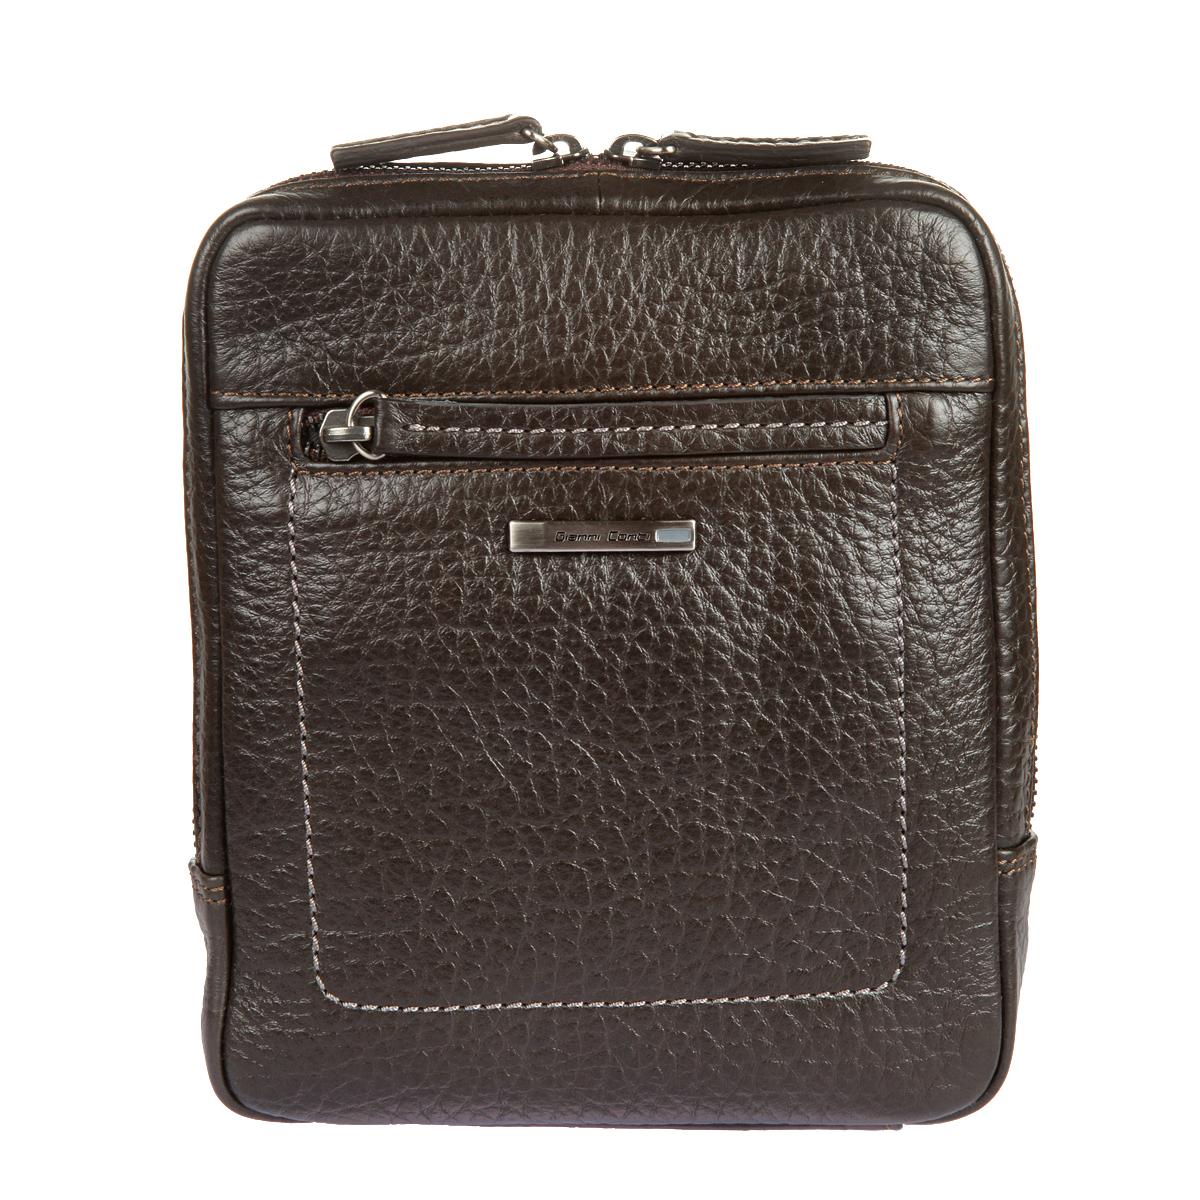 Сумка-планшет мужская Gianni Conti, цвет: темно-коричневый. 15423858-2Стильная сумка-планшет Gianni Conti выполнена из высококачественной натуральной кожи с фактурным тиснением. Лицевая сторона украшена металлической пластиной с гравировкой бренда производителя. Планшет имеет одно основное отделение, которое закрывается на застежку-молнию. Внутри имеется накладной карман и прорезной карман на застежке-молнии. На внешней стороне - плоской карман и карман на застежке-молнии. Сумка оснащена регулируемым плечевым ремнем. К планшету прилагается чехол для хранения.Функциональность, вместительность, качество исполнения и непревзойденный стиль сумки-планшета Gianni Conti, несомненно, понравится любому мужчине.